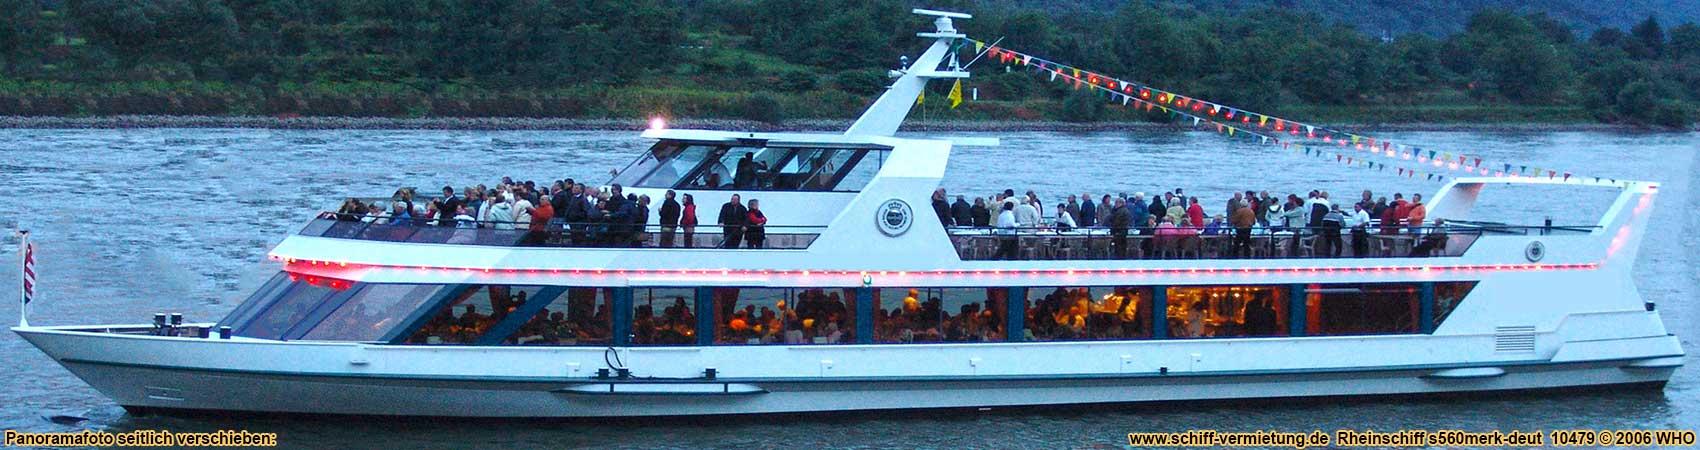 Hochzeit schiff mainz